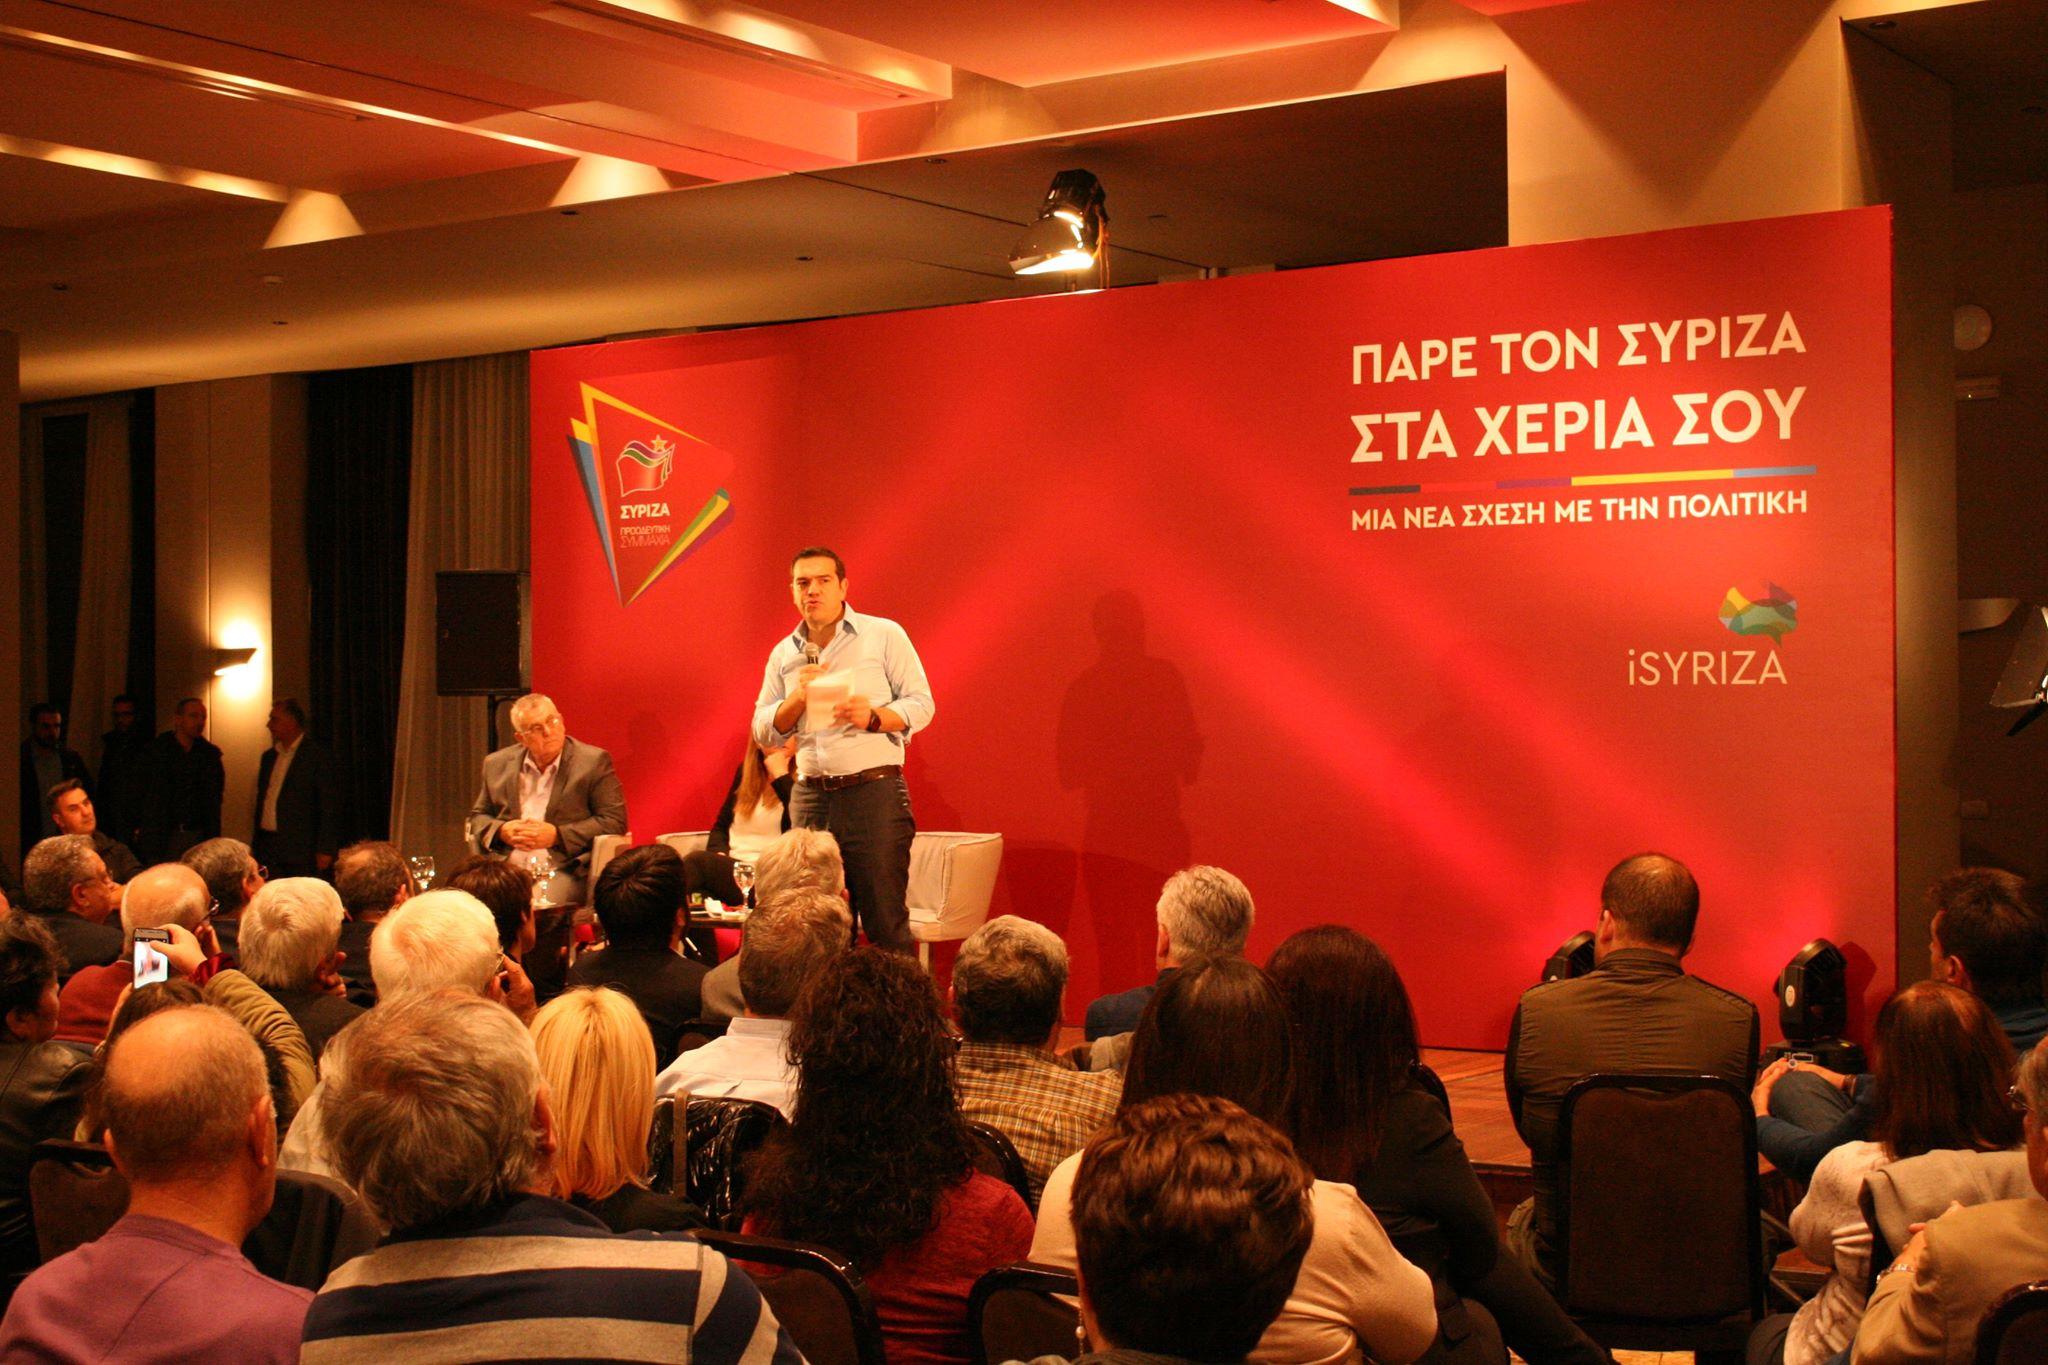 Μαζική η συμμετοχή, πλούσια η συζήτηση στην Ανοιχτή Συνέλευση του ΣΥΡΙΖΑ παρουσία Τσίπρα